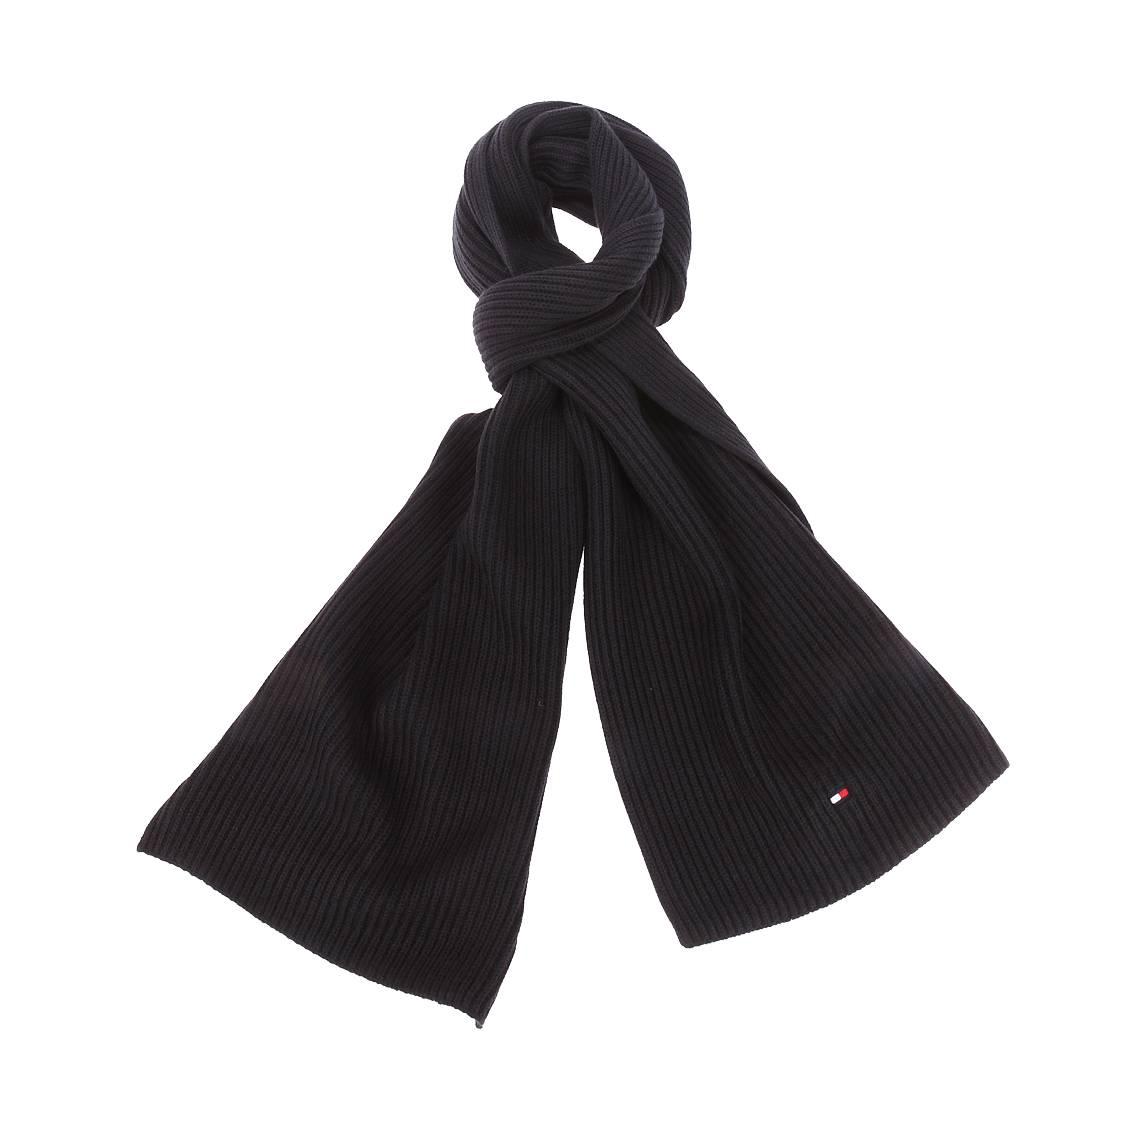 Echarpe tommy hilfiger noire en coton pima et cachemire